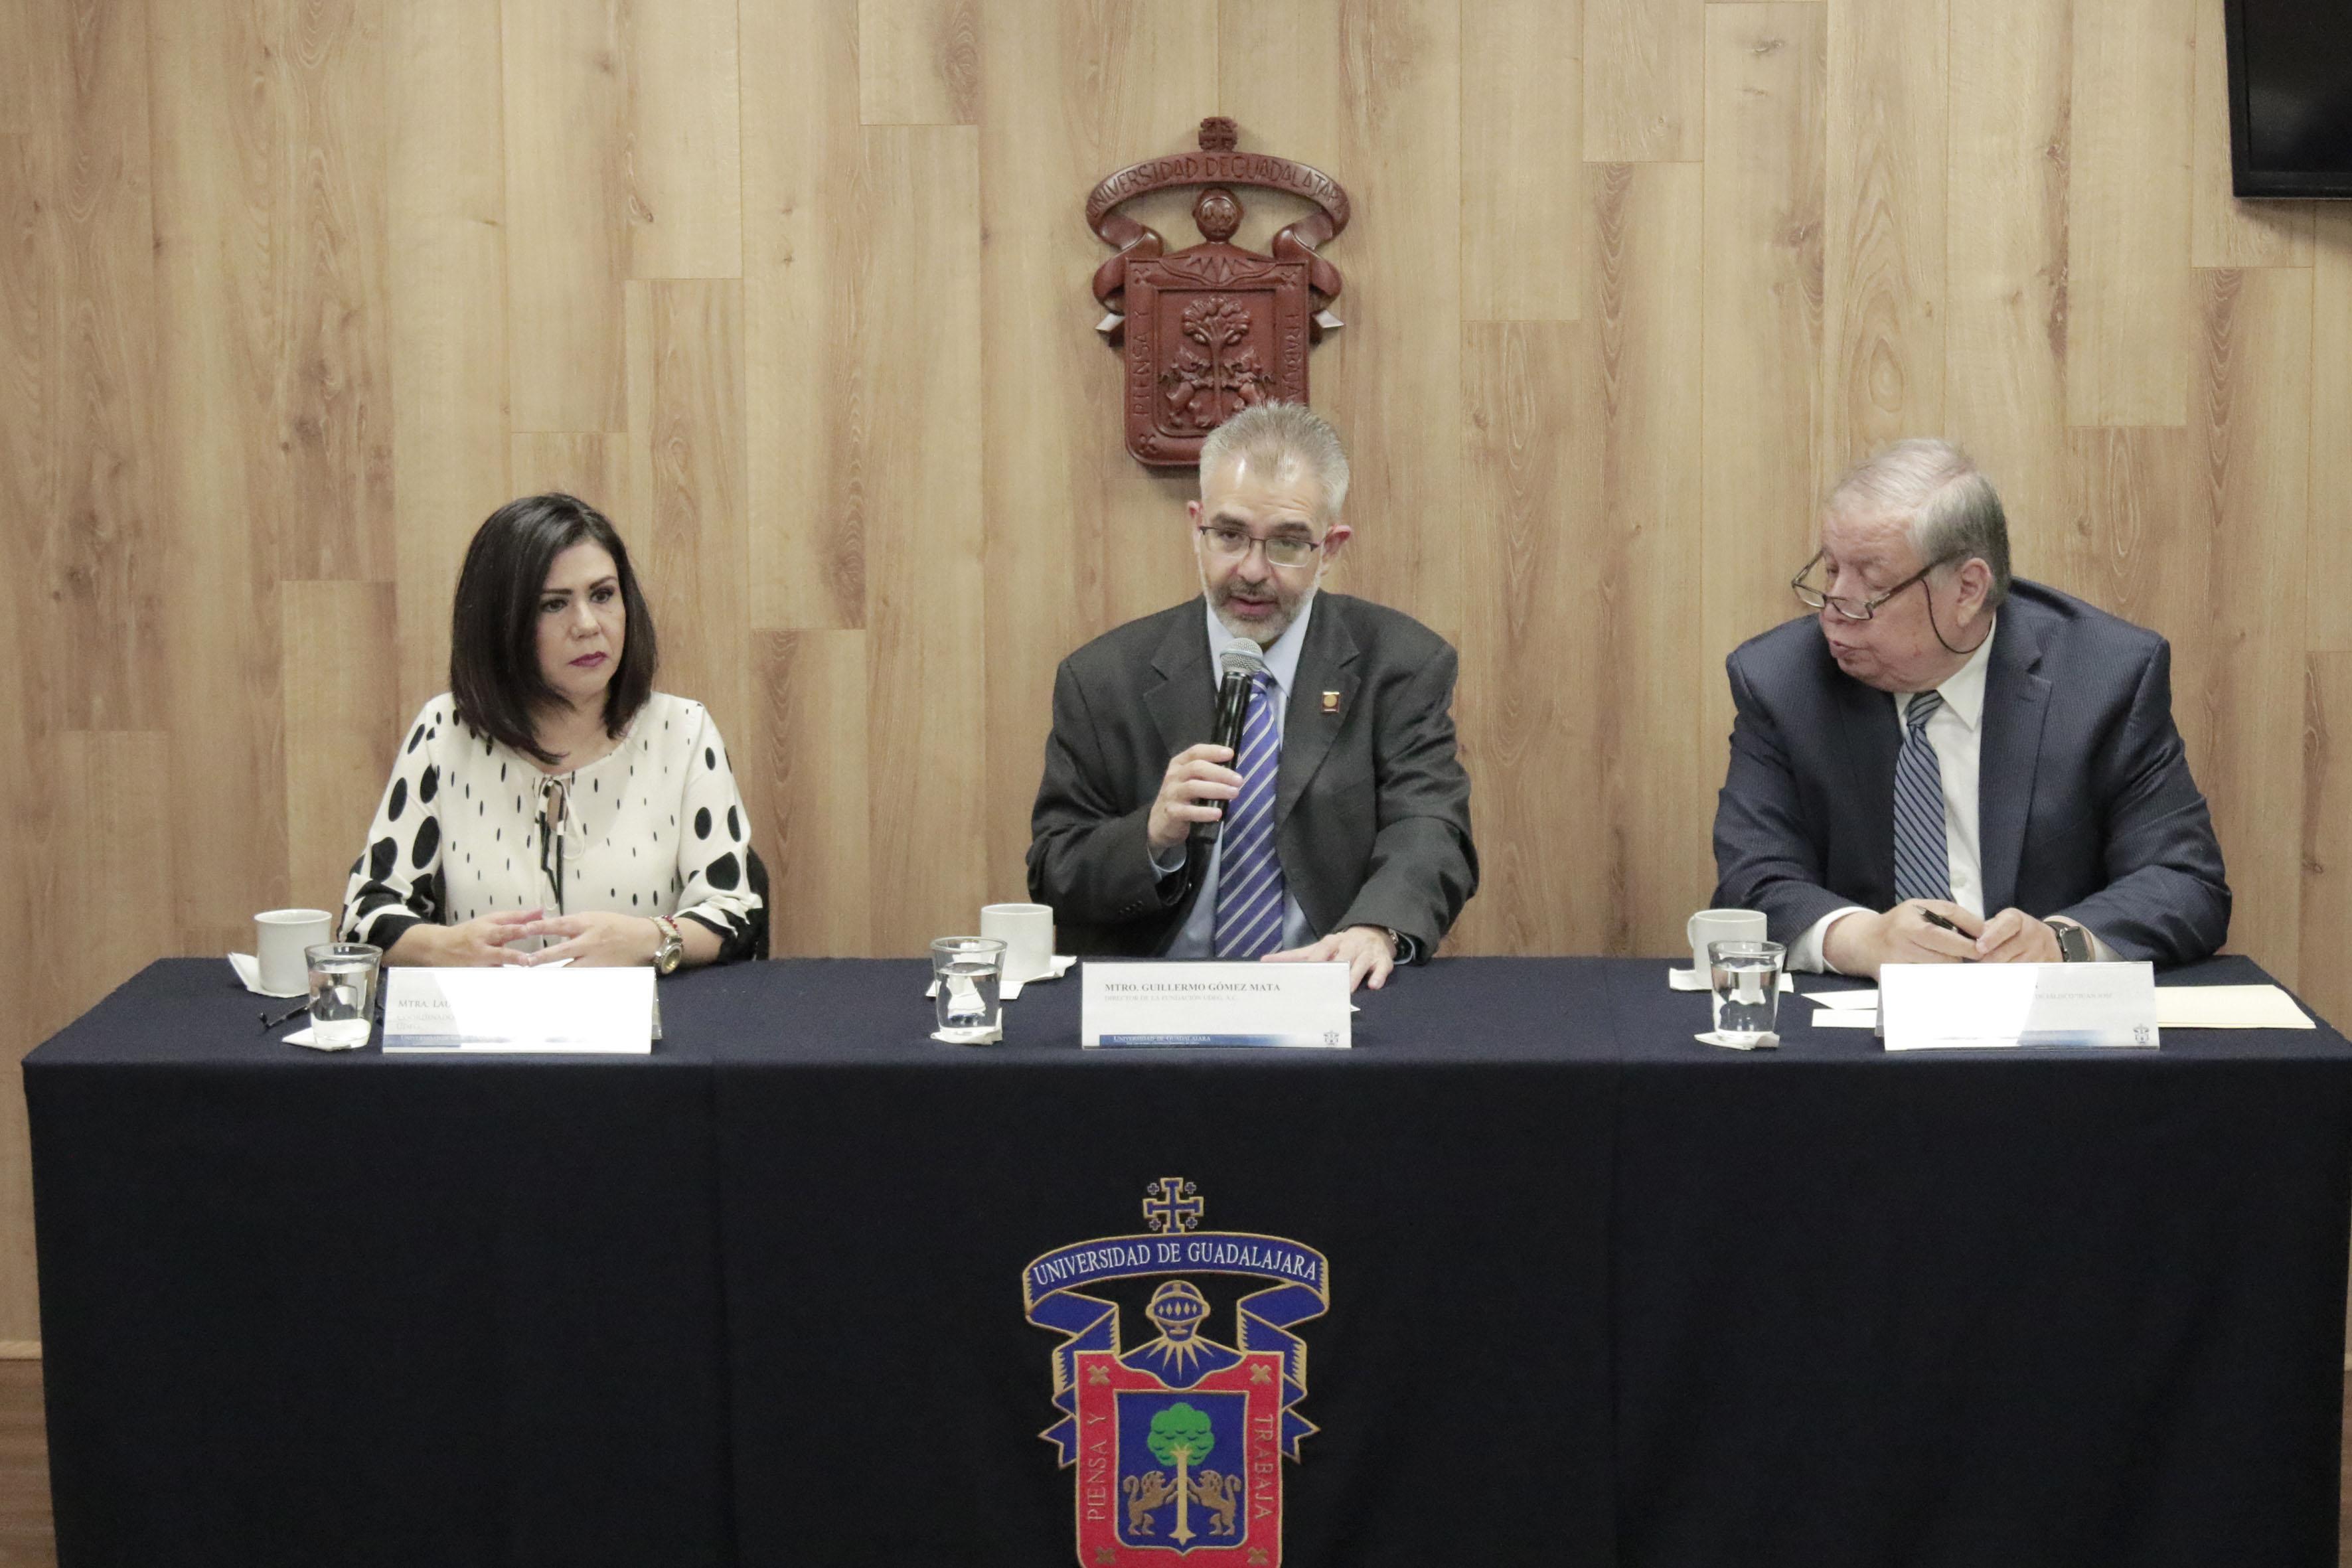 """Rueda de prensa para convocan a participar en la campaña """"Dona libros"""" durante la Feria Internacional del Libro de Guadalajara 2017, y en todo el año 2018."""